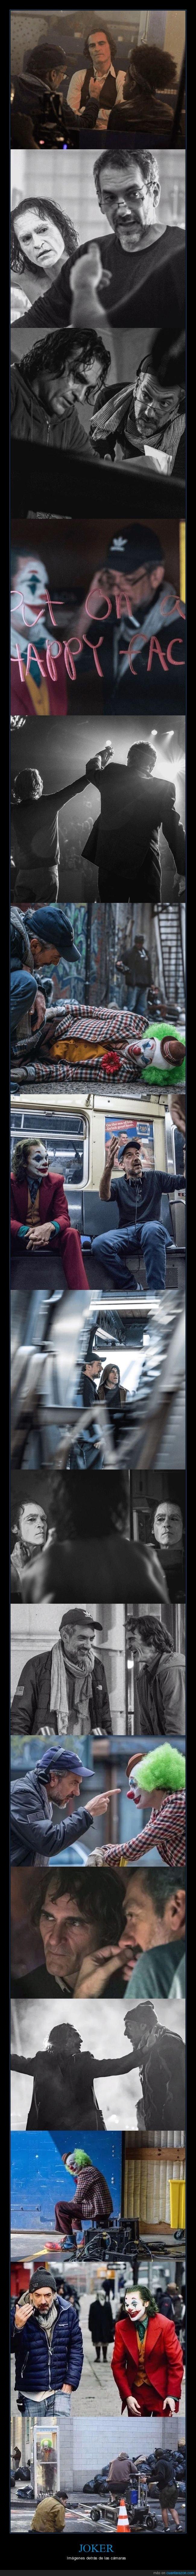 cine,detrás de las cámaras,joker